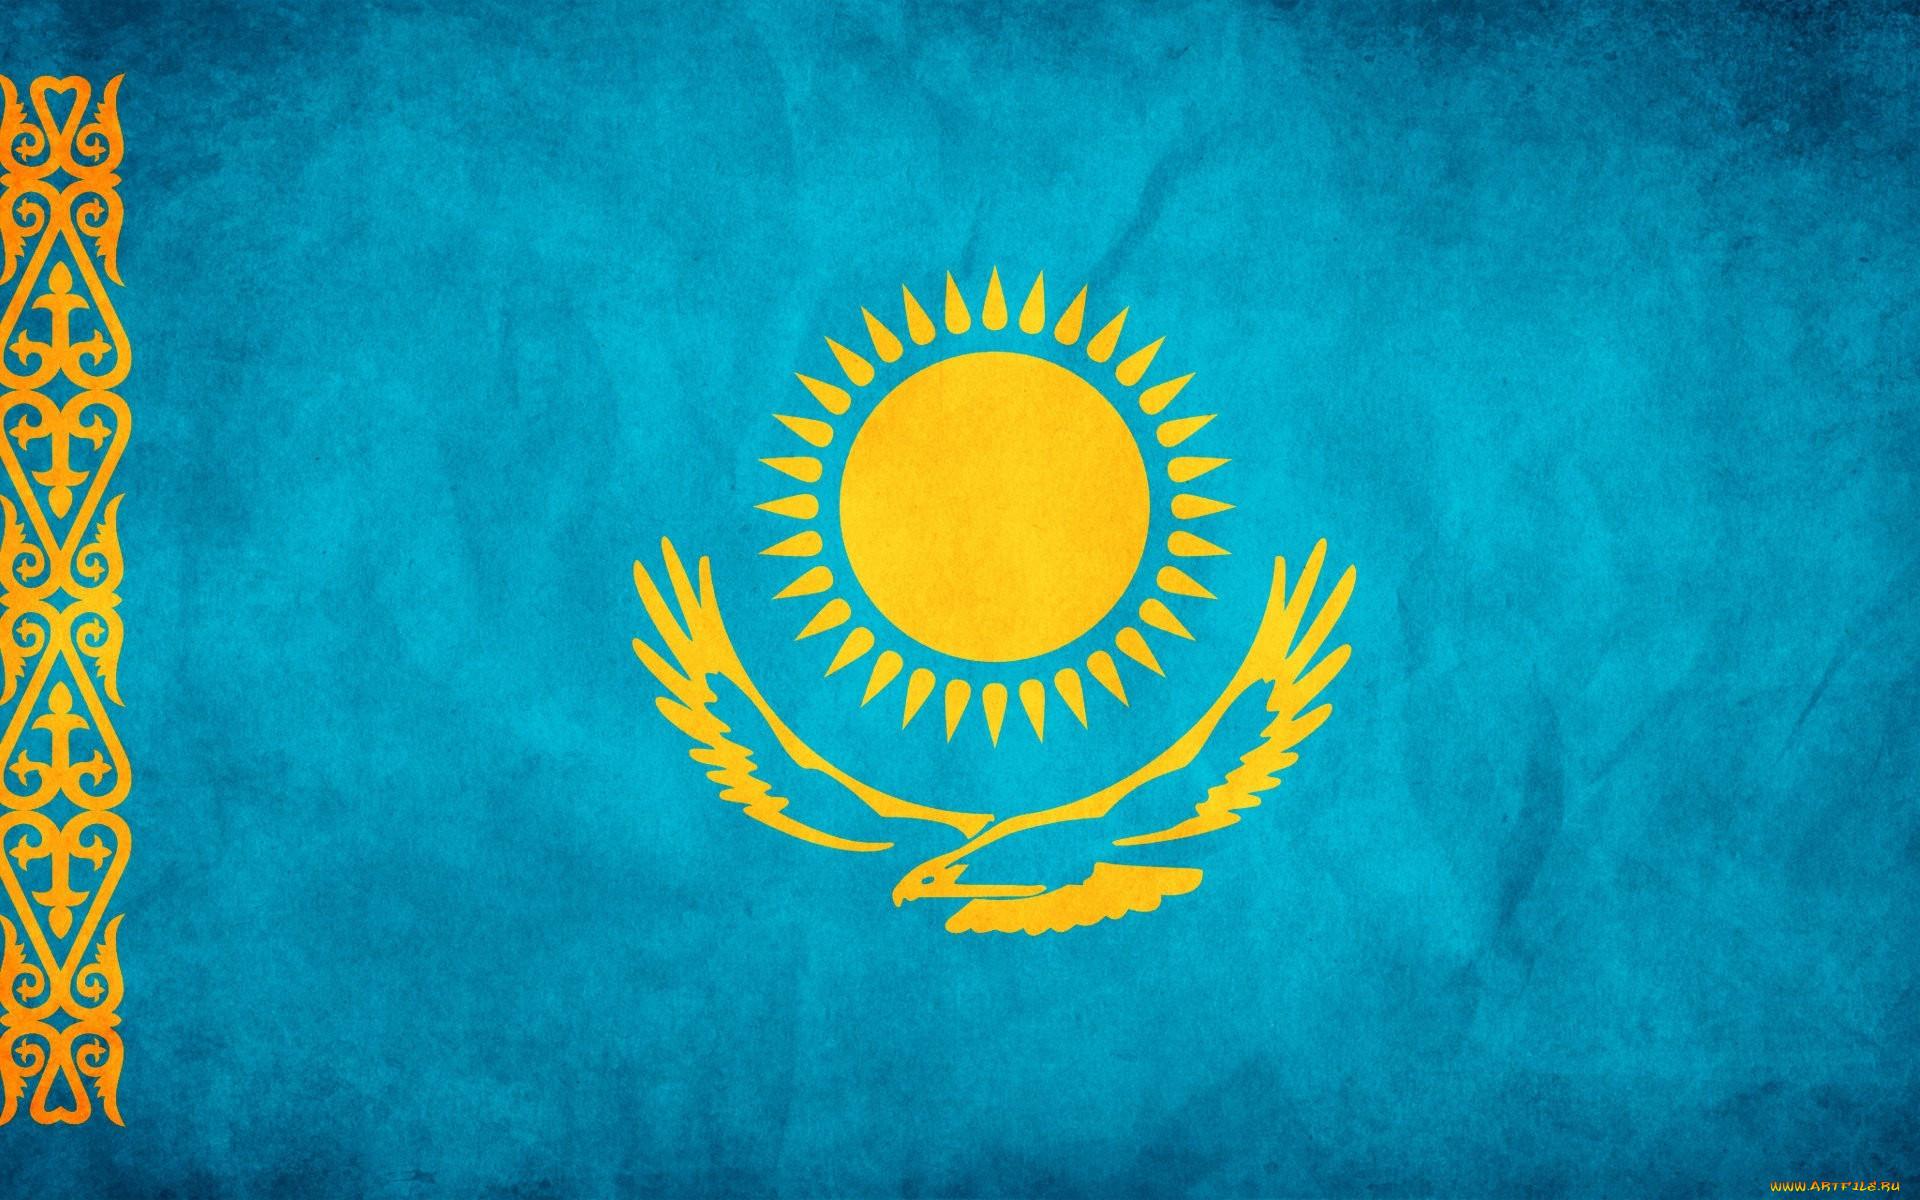 картинка на тему республика казахстан деревянный каркас позволяет